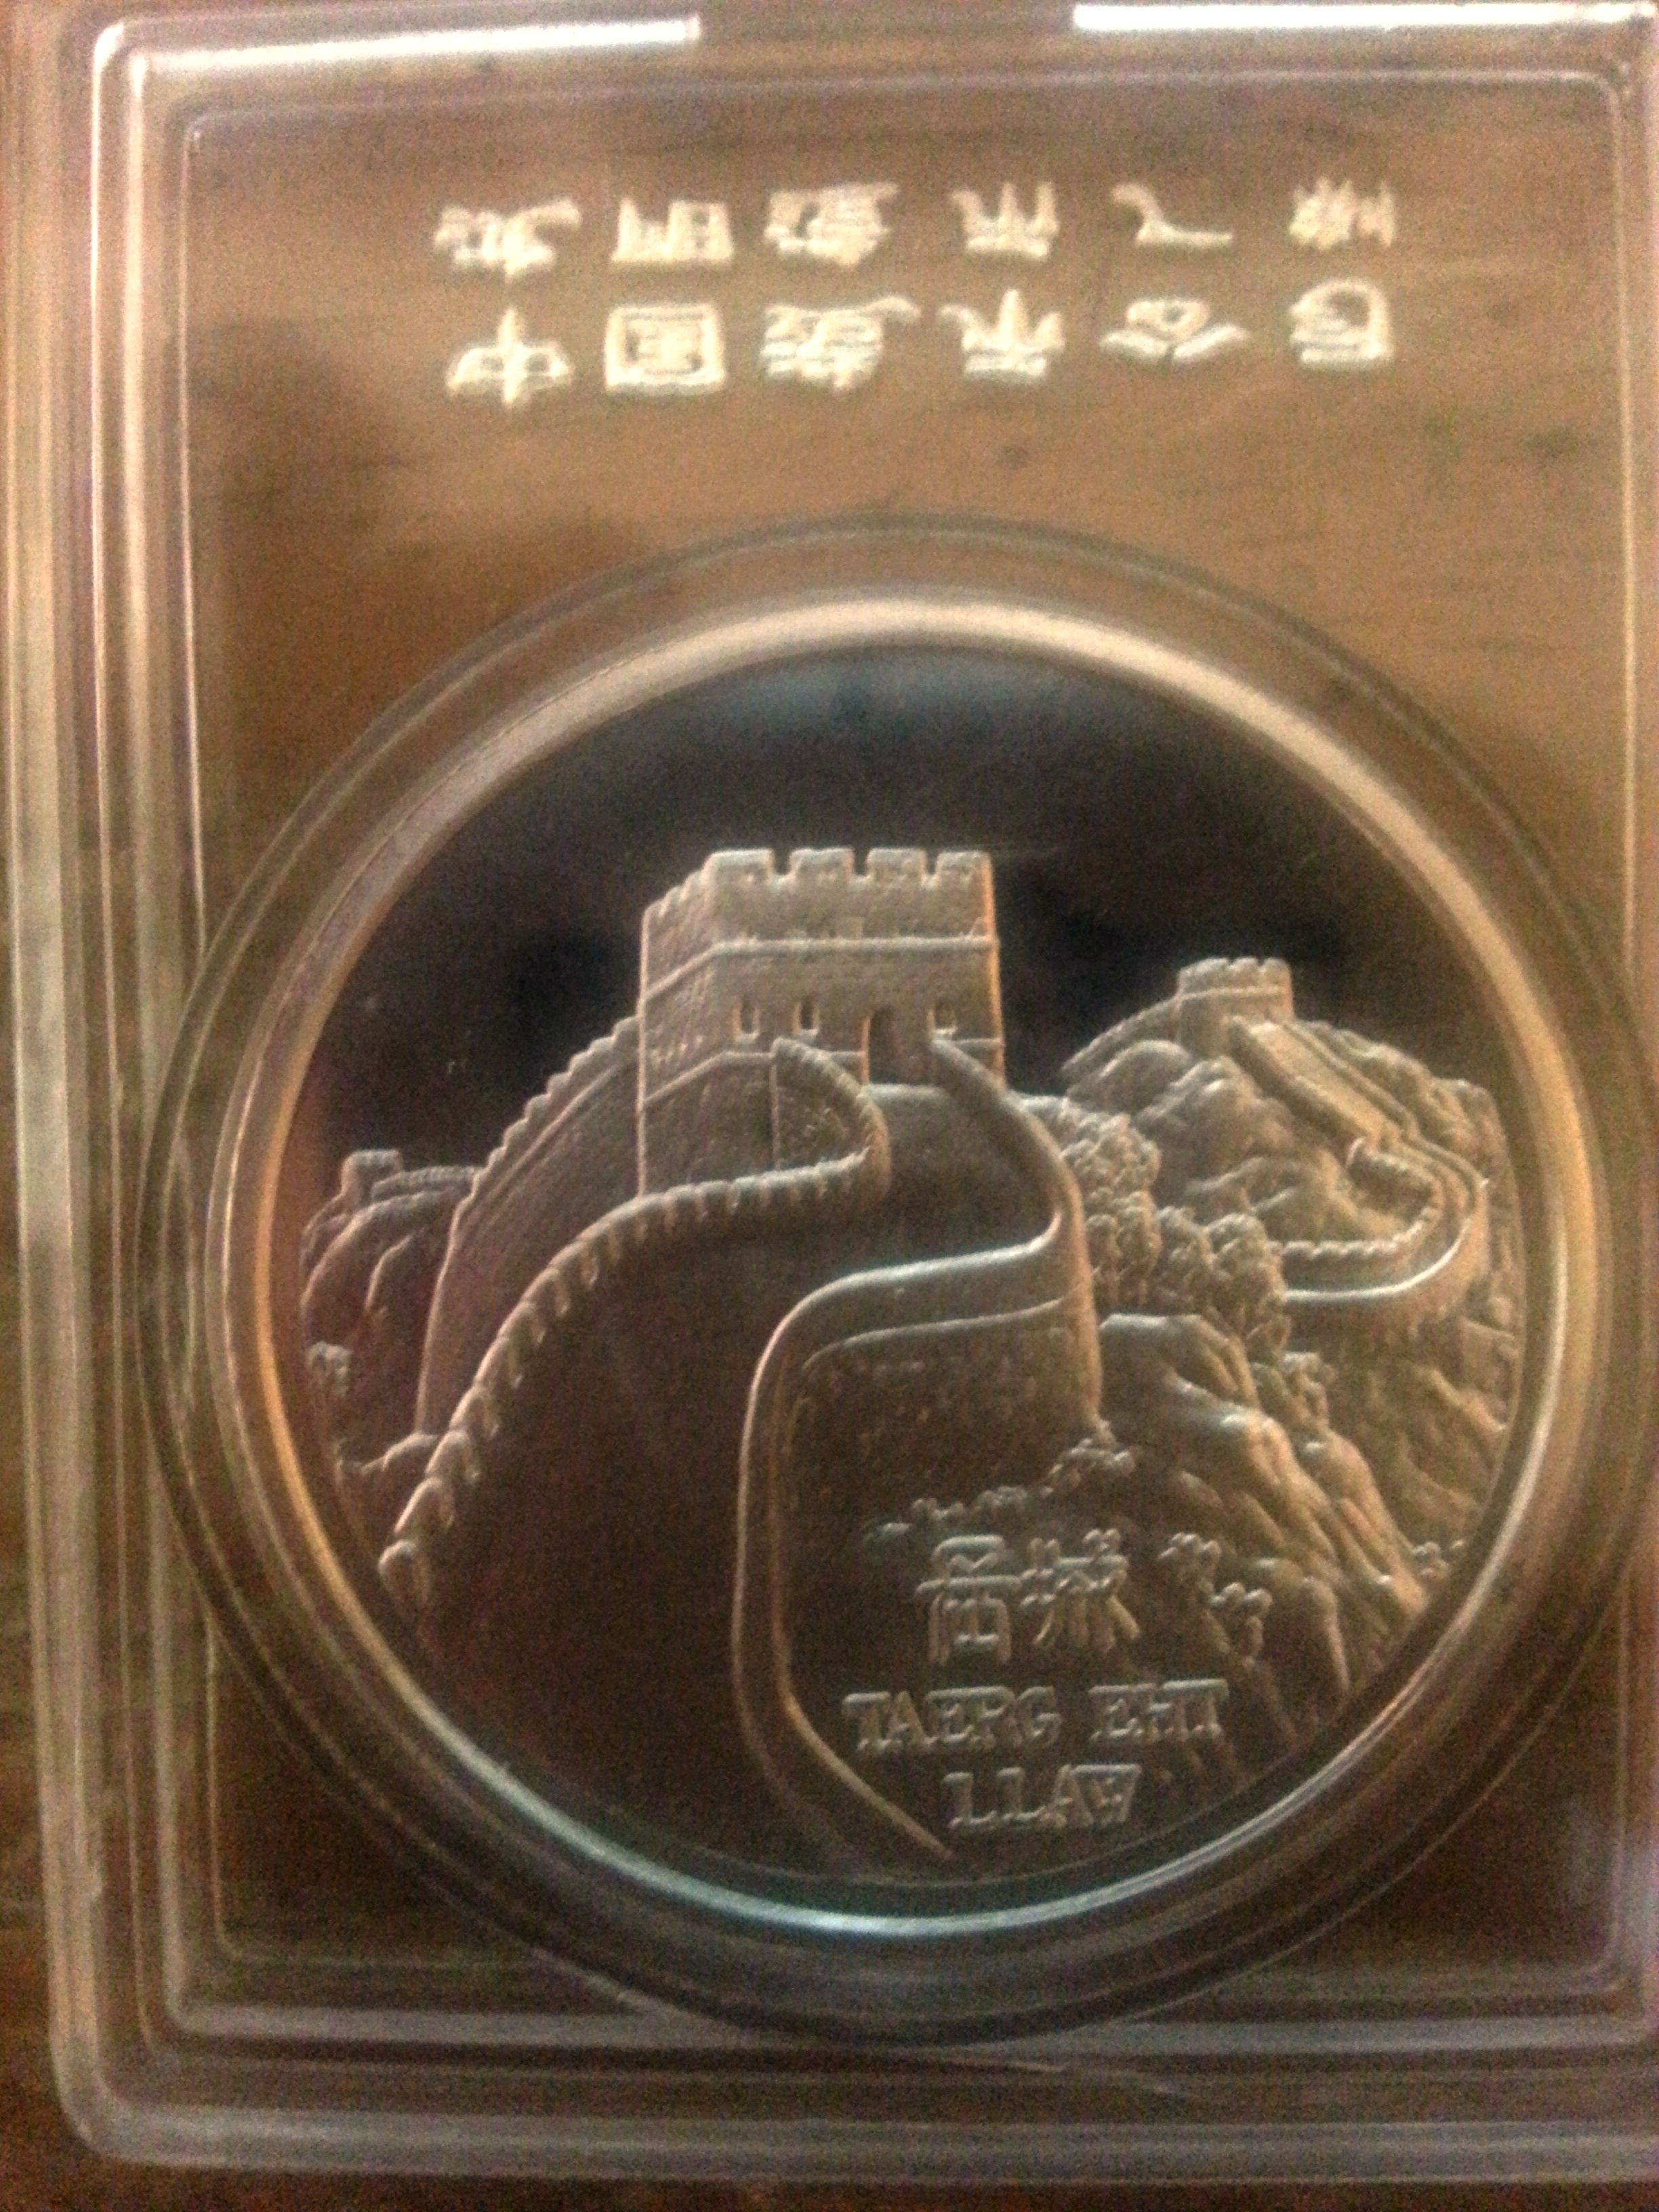 Rare Coins Of Florida